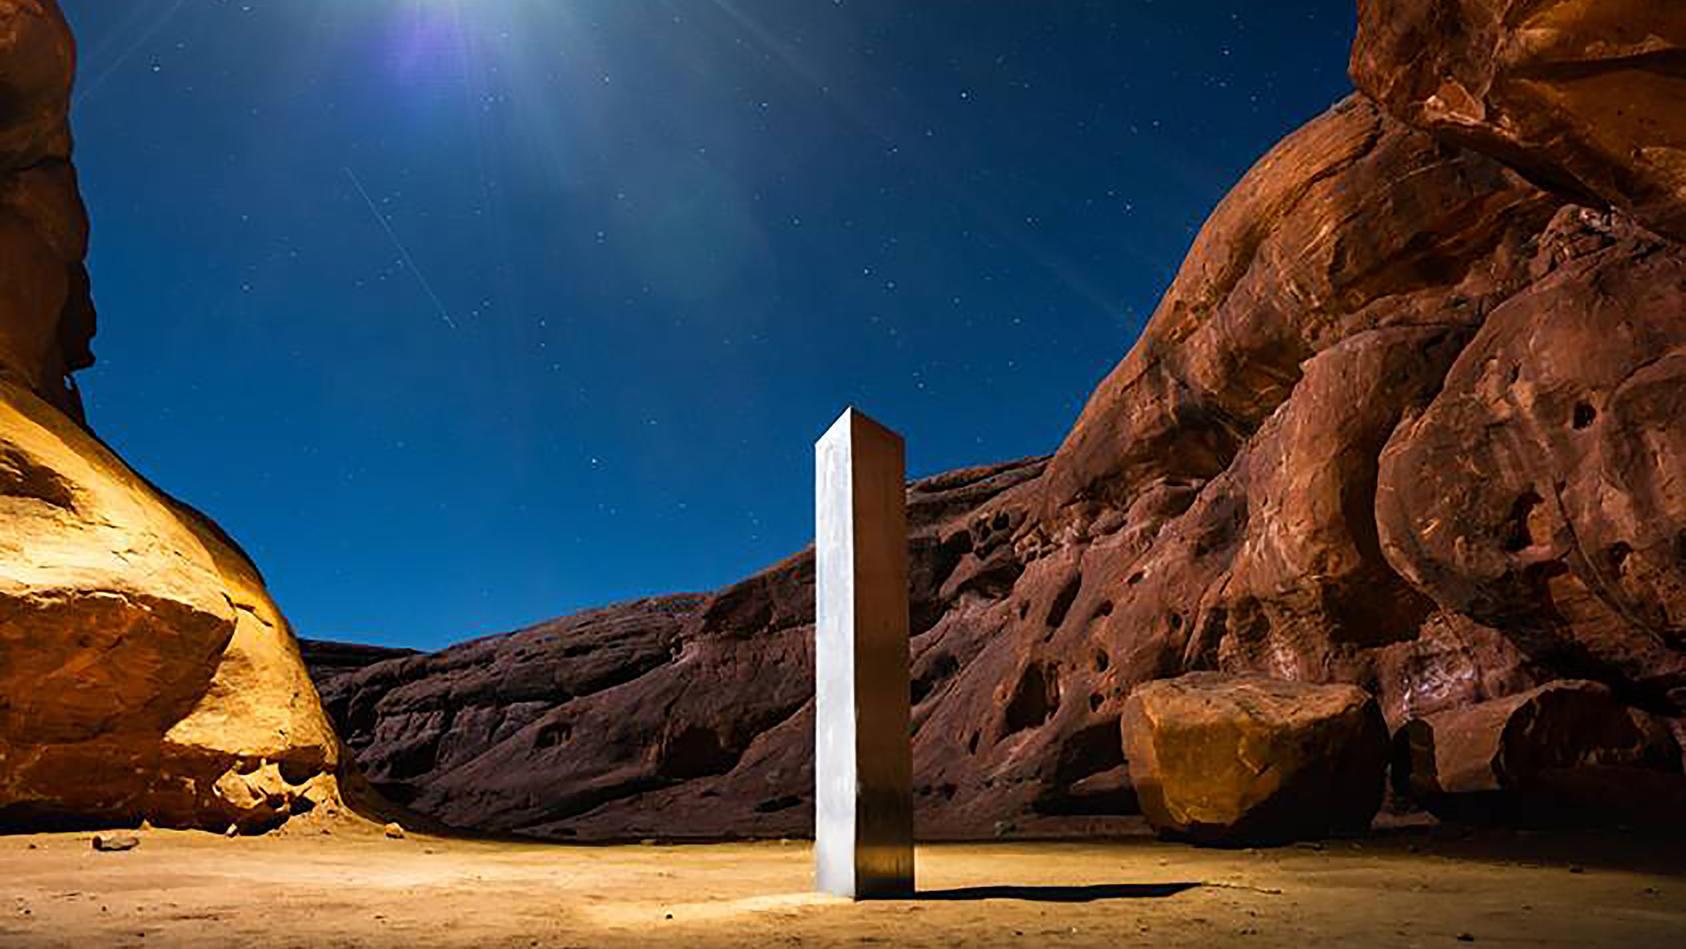 Das Rätsel um das Verschwinden des Metall-Monolithen in Utah scheint gelöst zu sein.